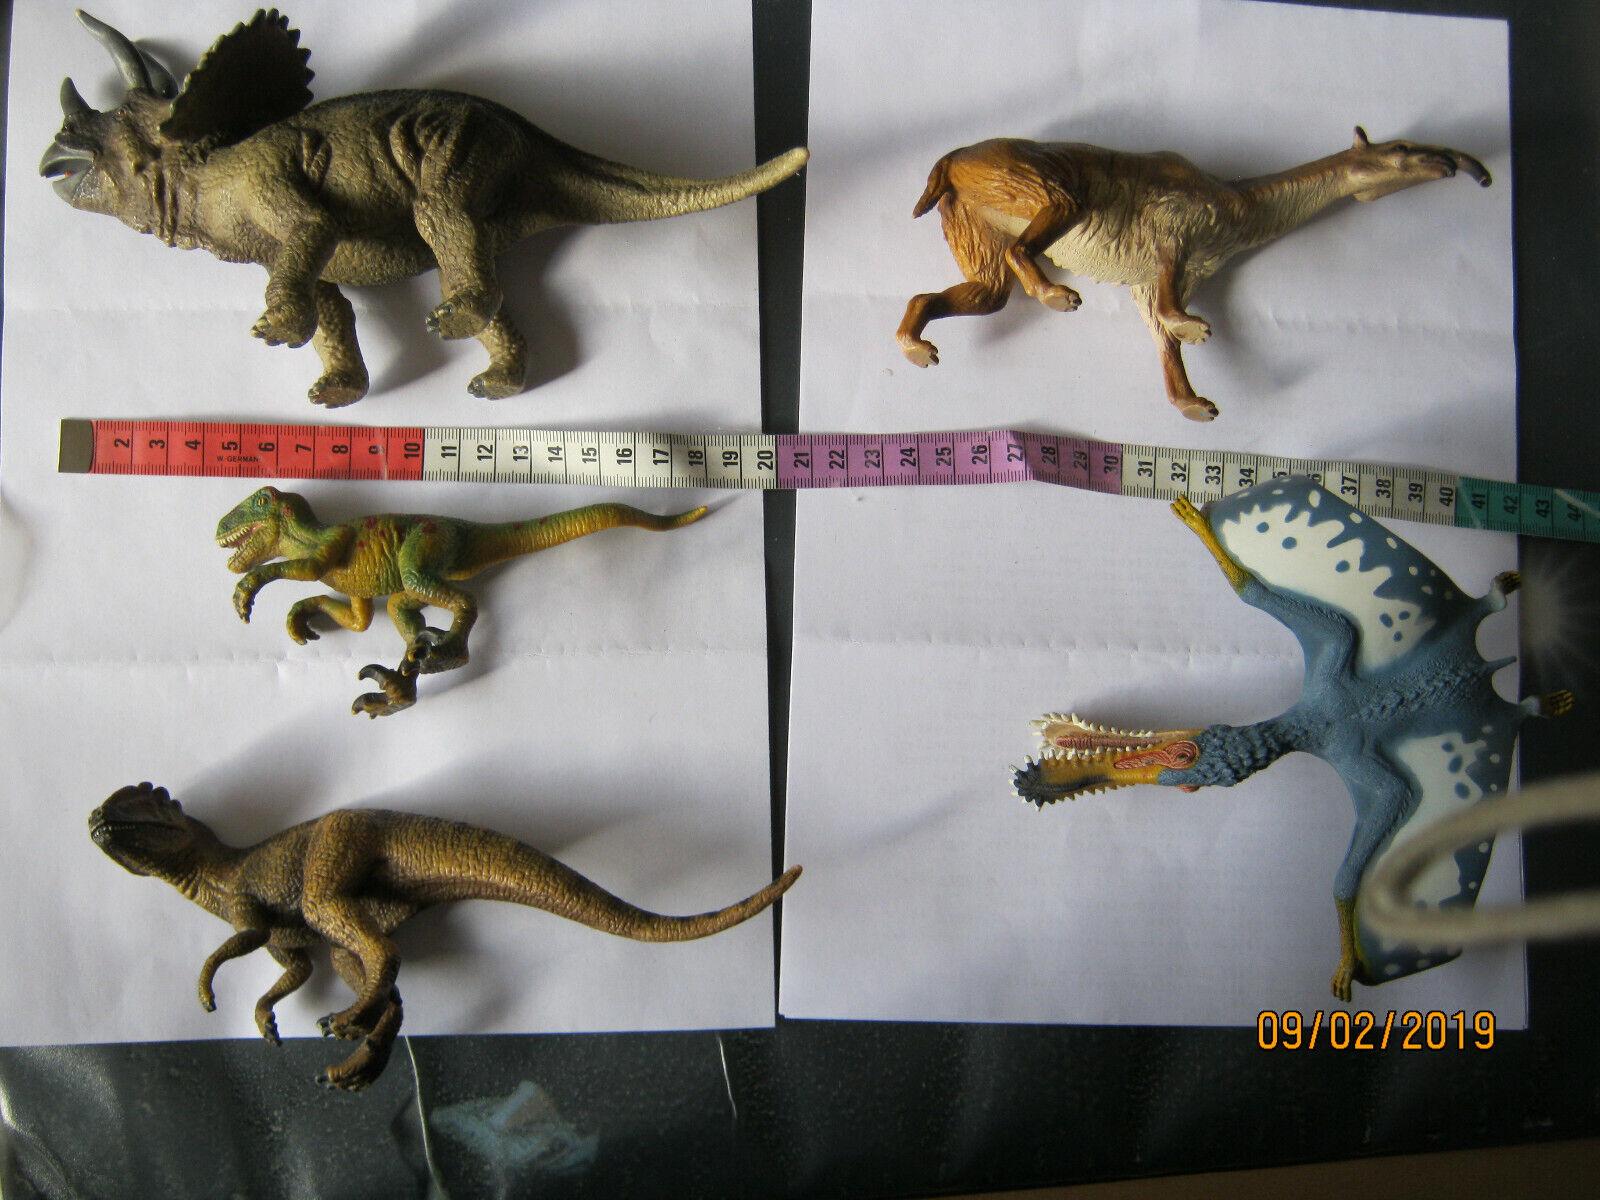 Schleich Tiere. 5 Stück. Dinos. Dinosaurier. Dinosaurier. Dinosaurier. Urzeit. Saurus. Flugsaurier. 63bed5